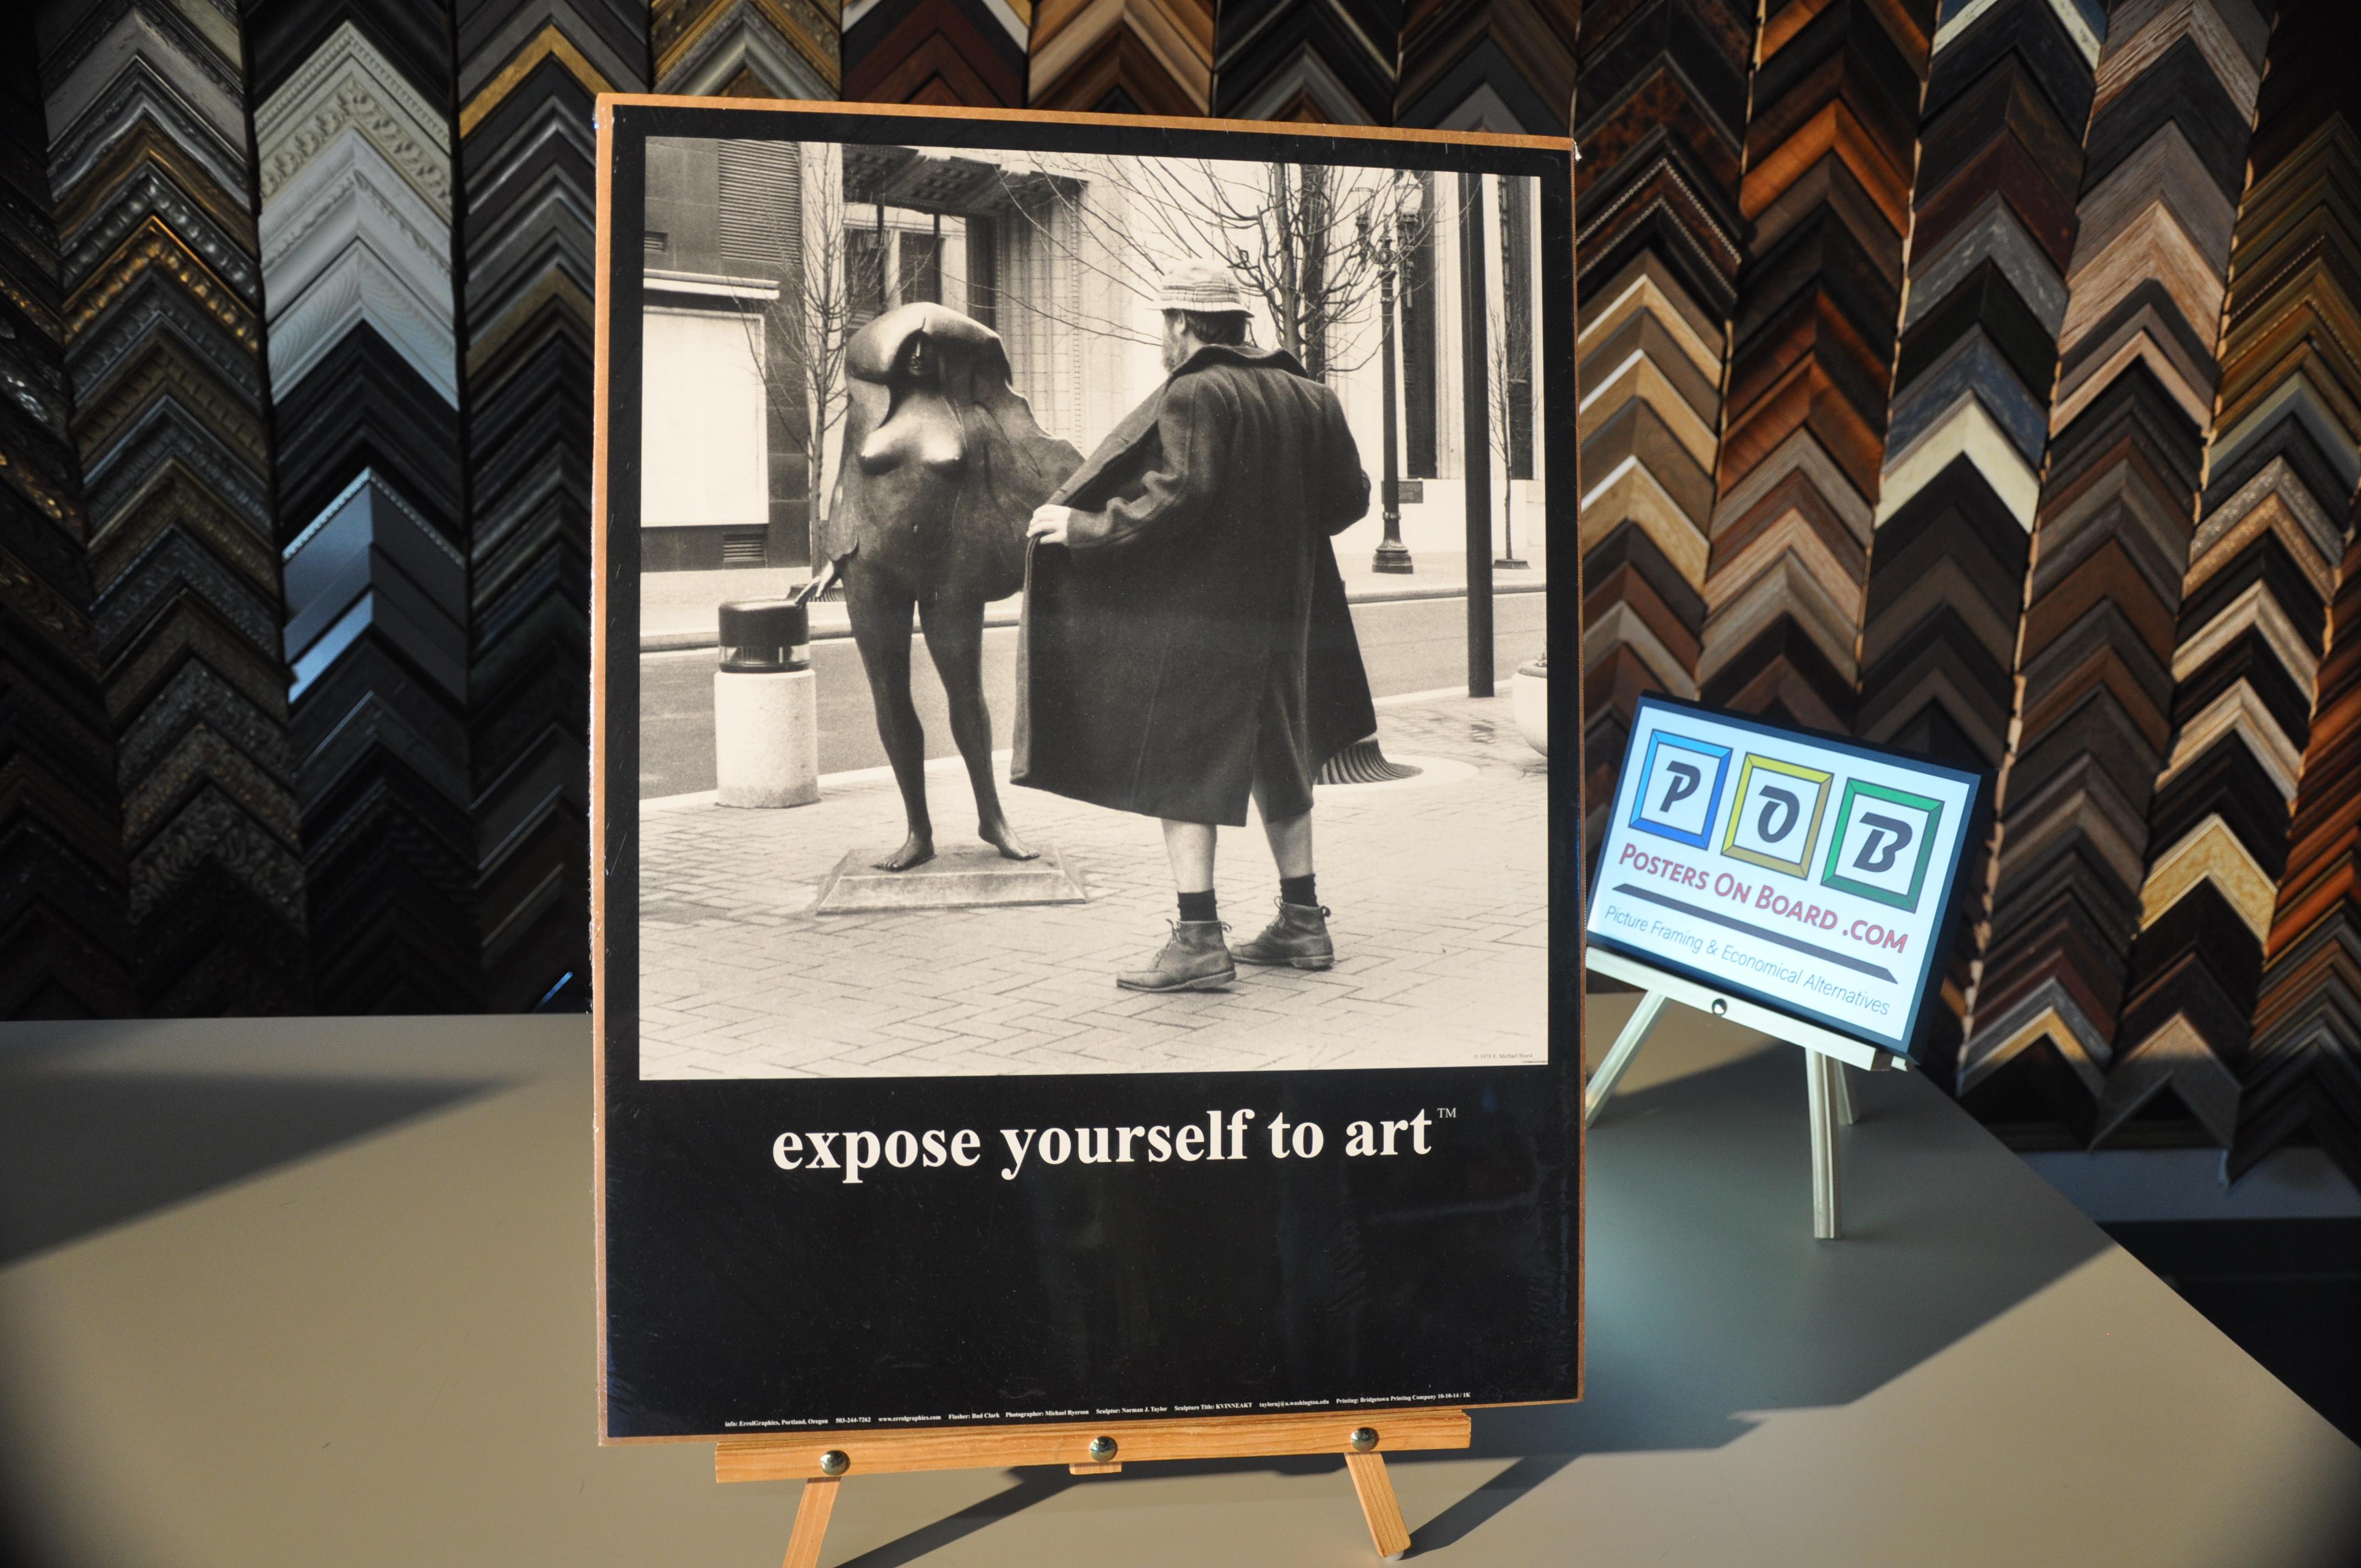 PostersOnBoard.com, Fun, Funny